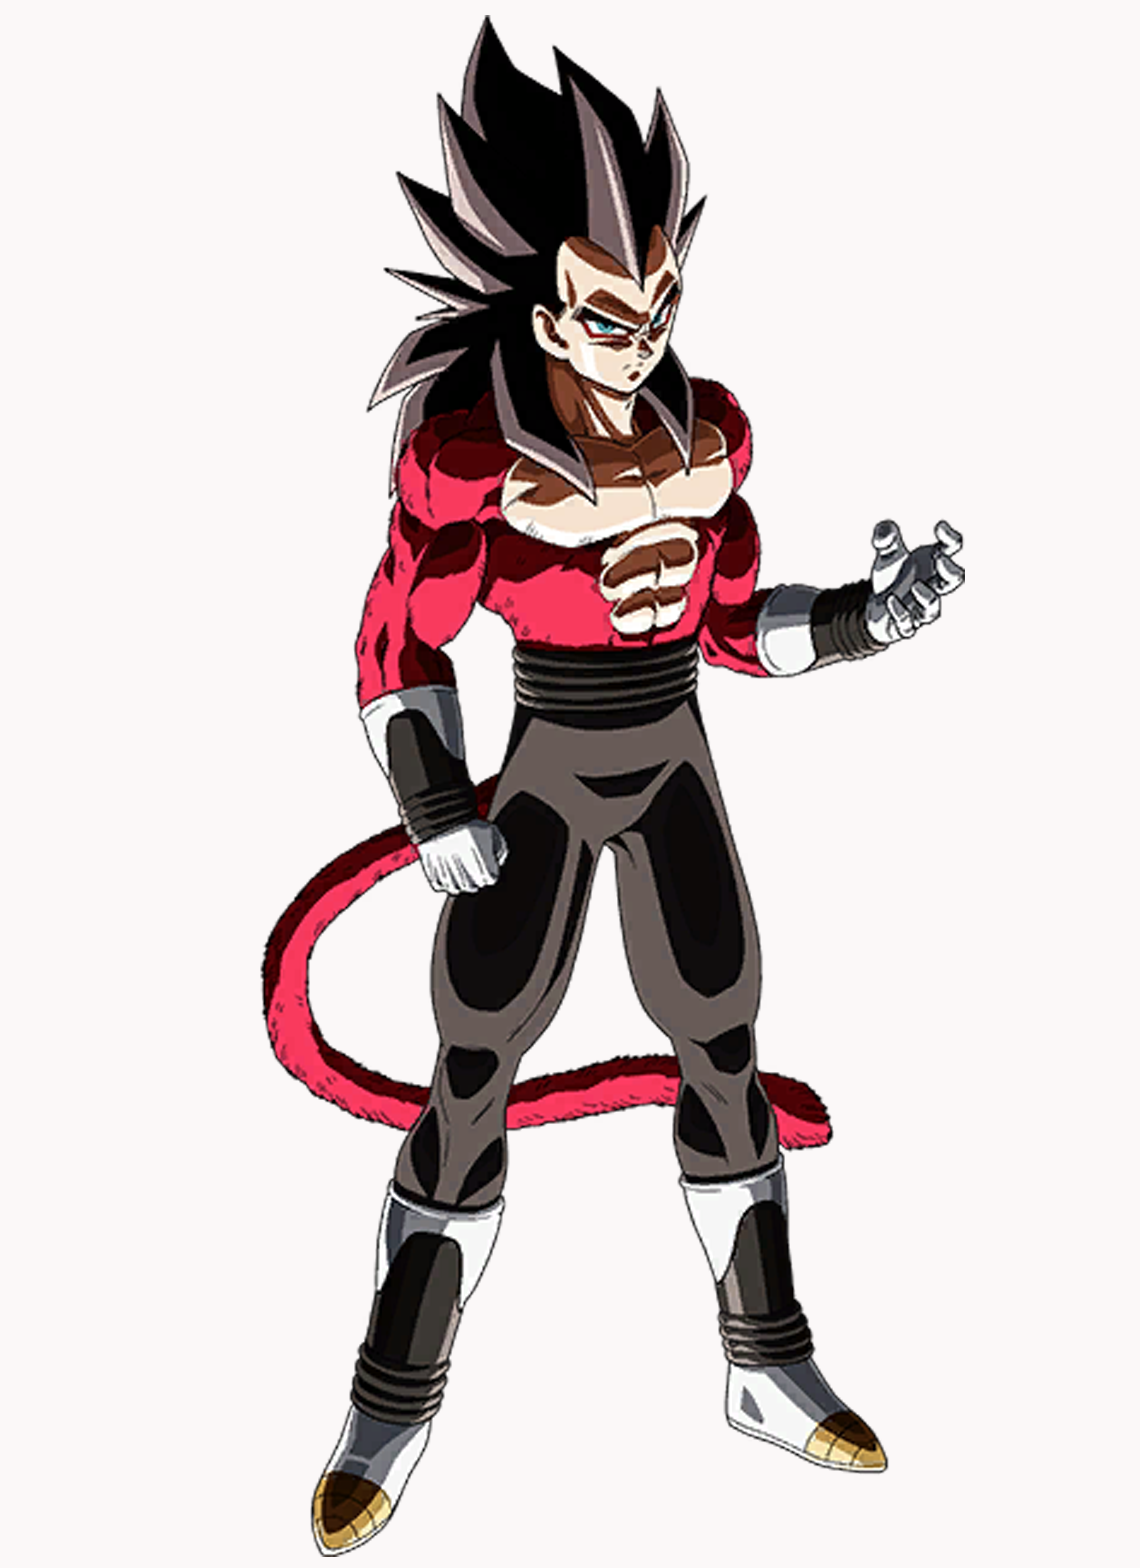 Vegeta Xeno Ssj4 Anime Dragon Ball Super Dragon Ball Super G